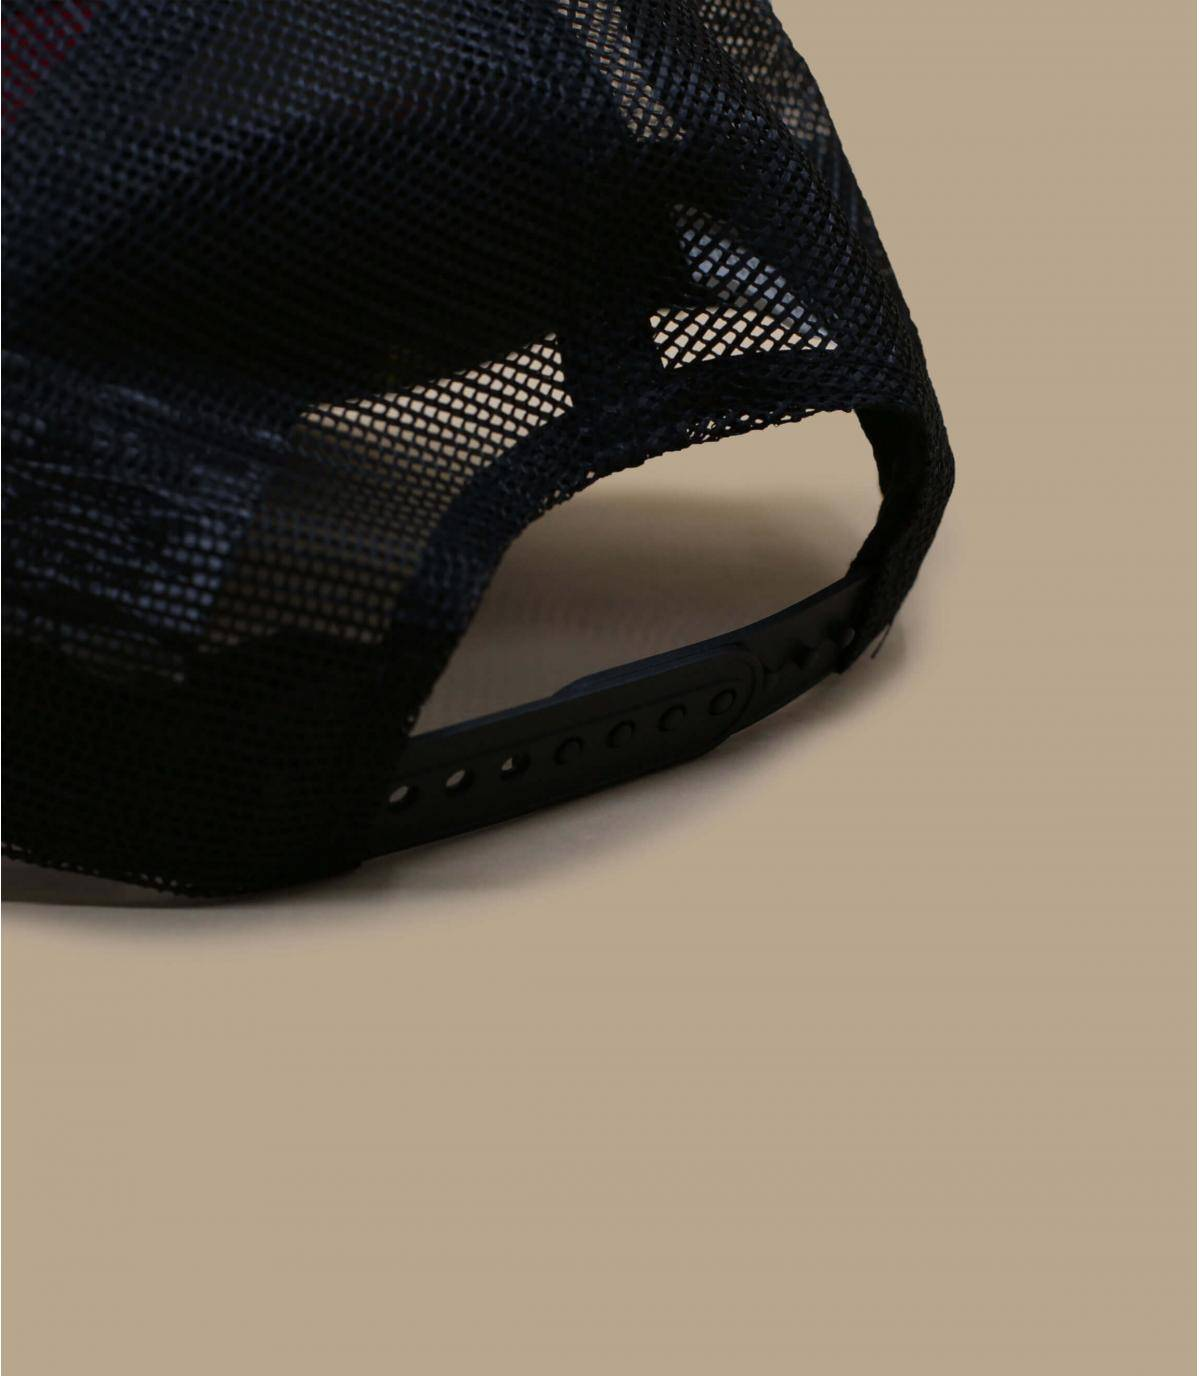 Detalles 100% polyester imagen 3